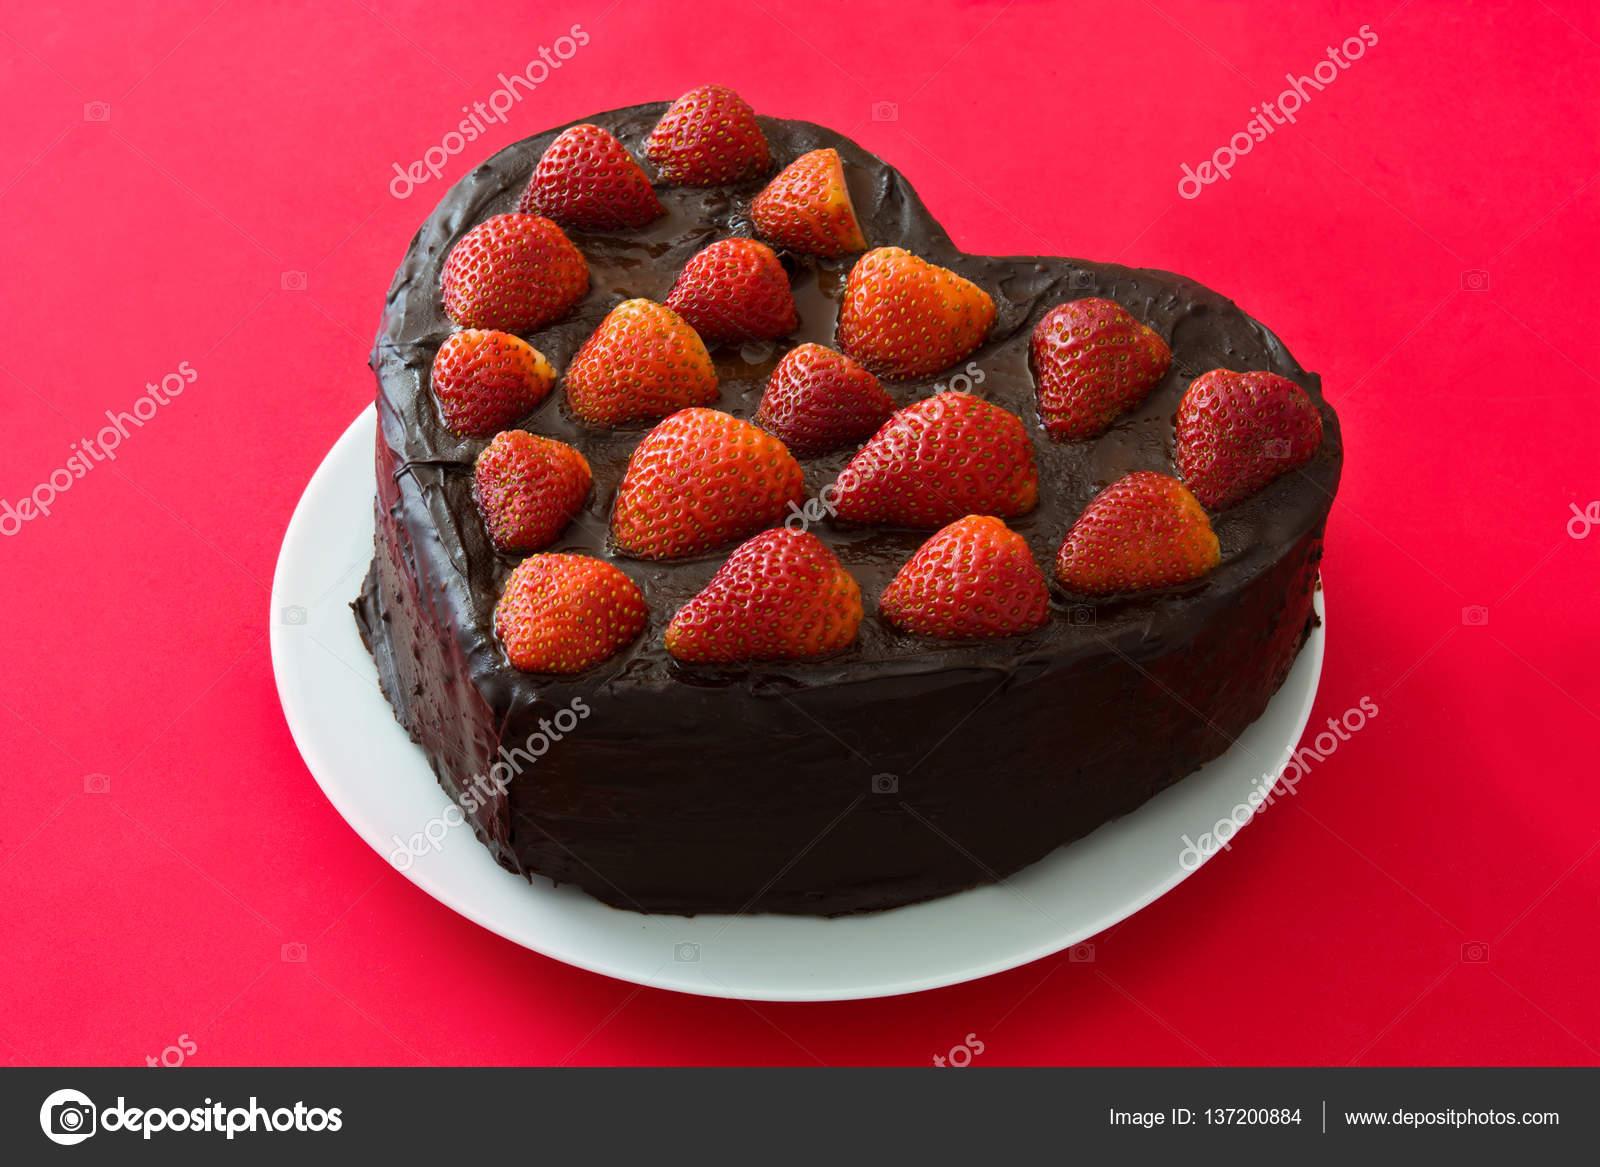 Kuchen In Herzform Fur Valentinstag Oder Muttertag Auf Rotem Grund